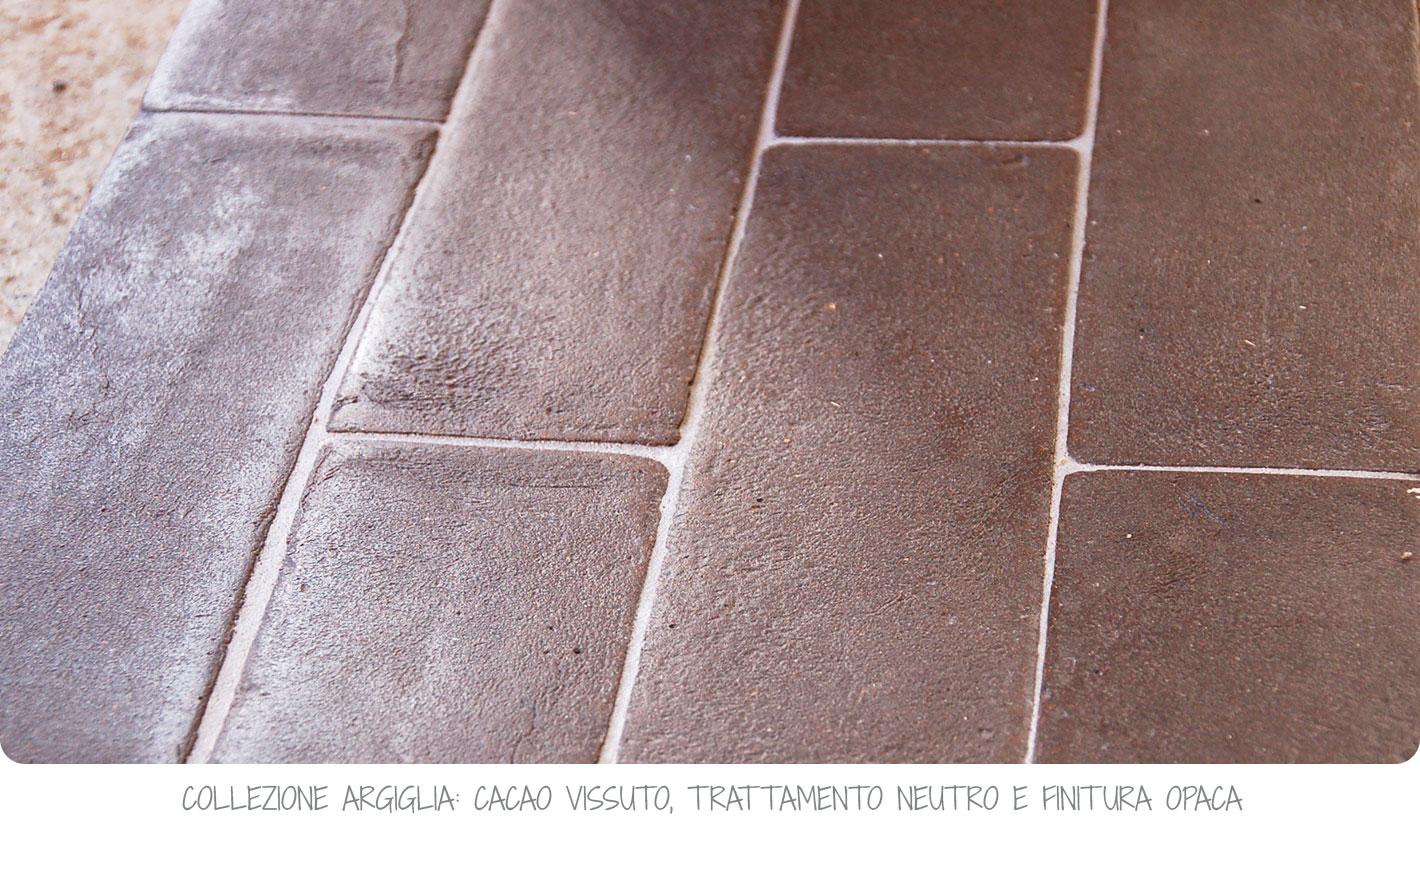 Pavimenti In Cotto Fatto A Mano : Pavimenti in cotto fatto a mano per esterni interni